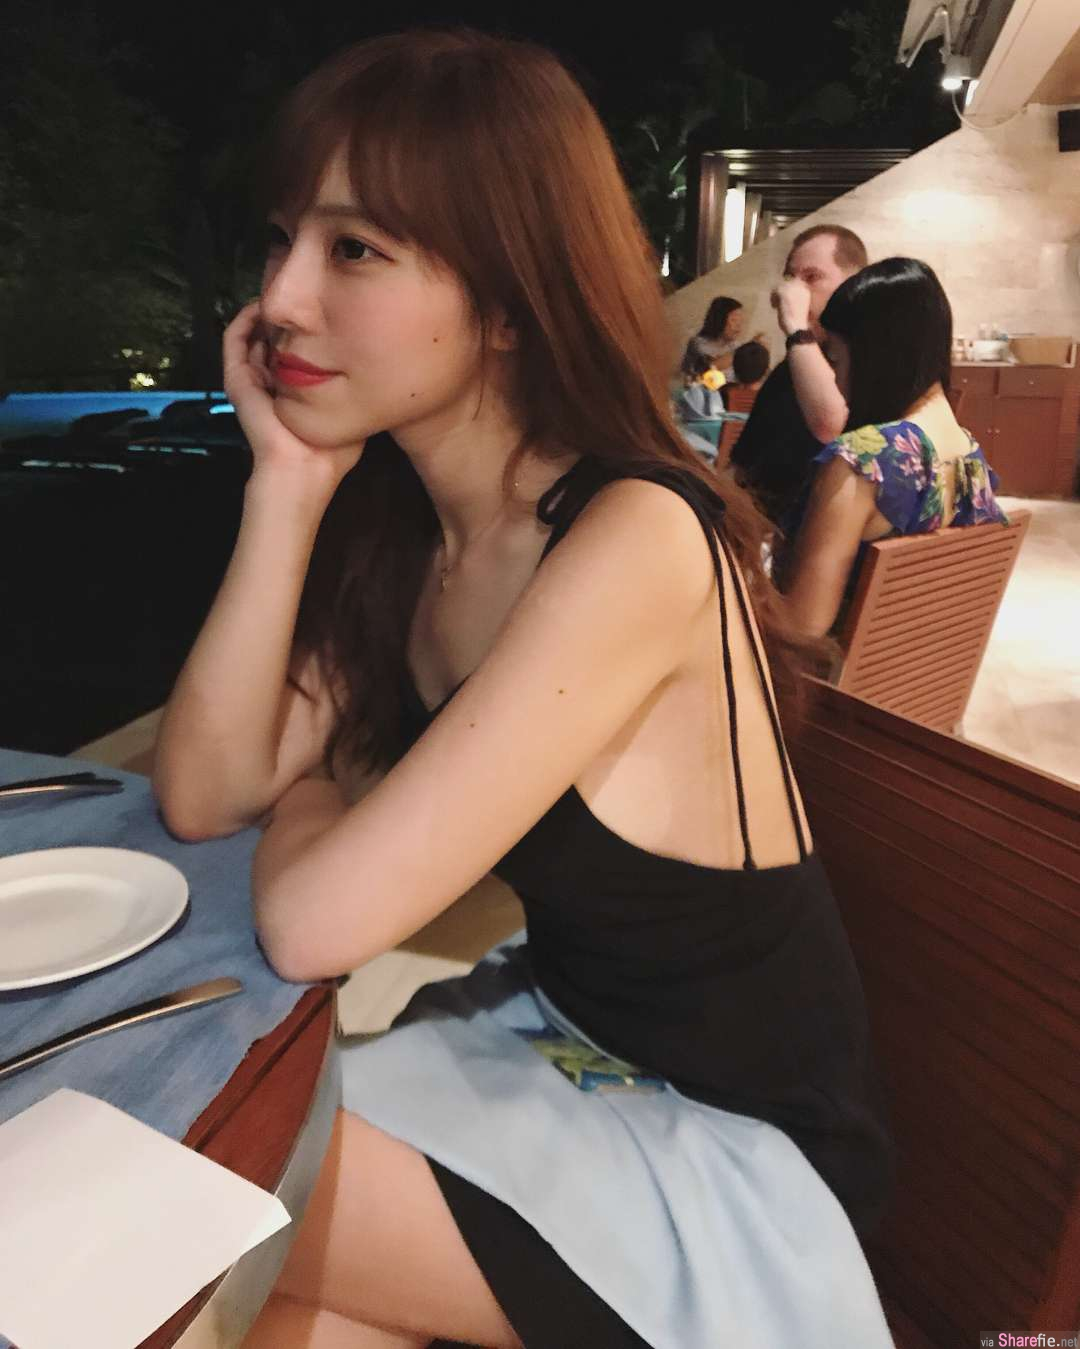 正妹Bonnie黄家怡比基尼布料太少网暴动,网友:下一张还穿衣服吗?